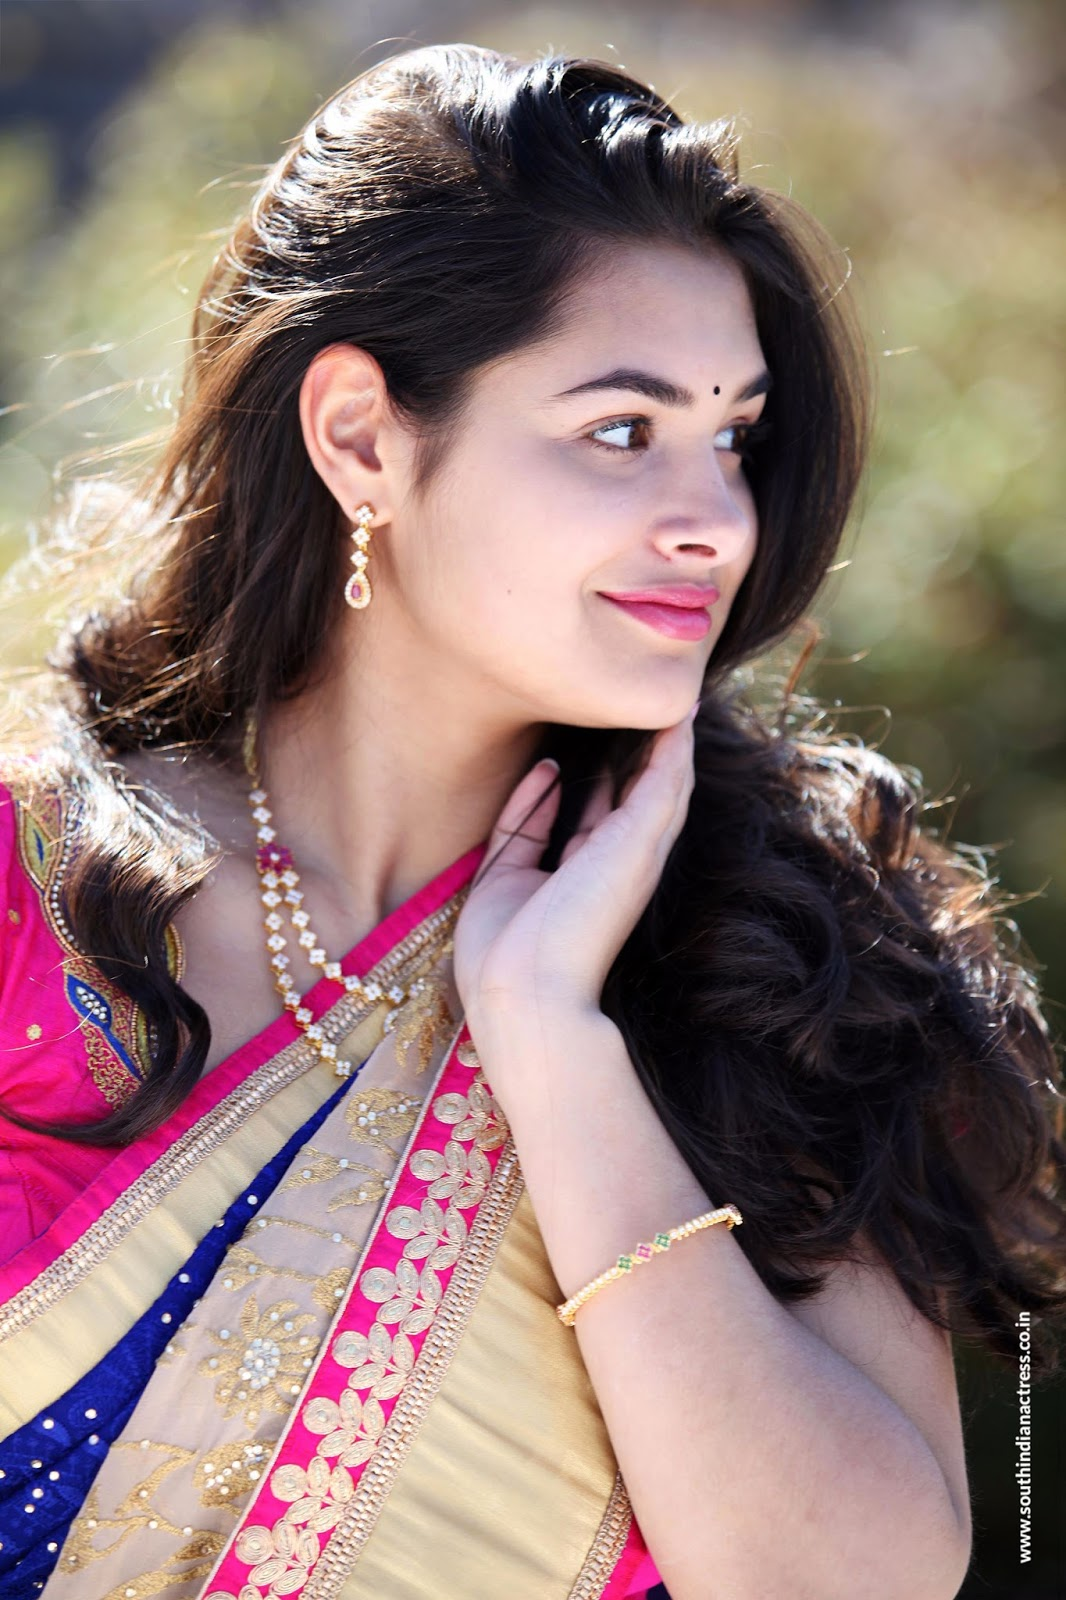 Divi prasanna in saree photos south indian actress - Divi builder 2 0 7 ...